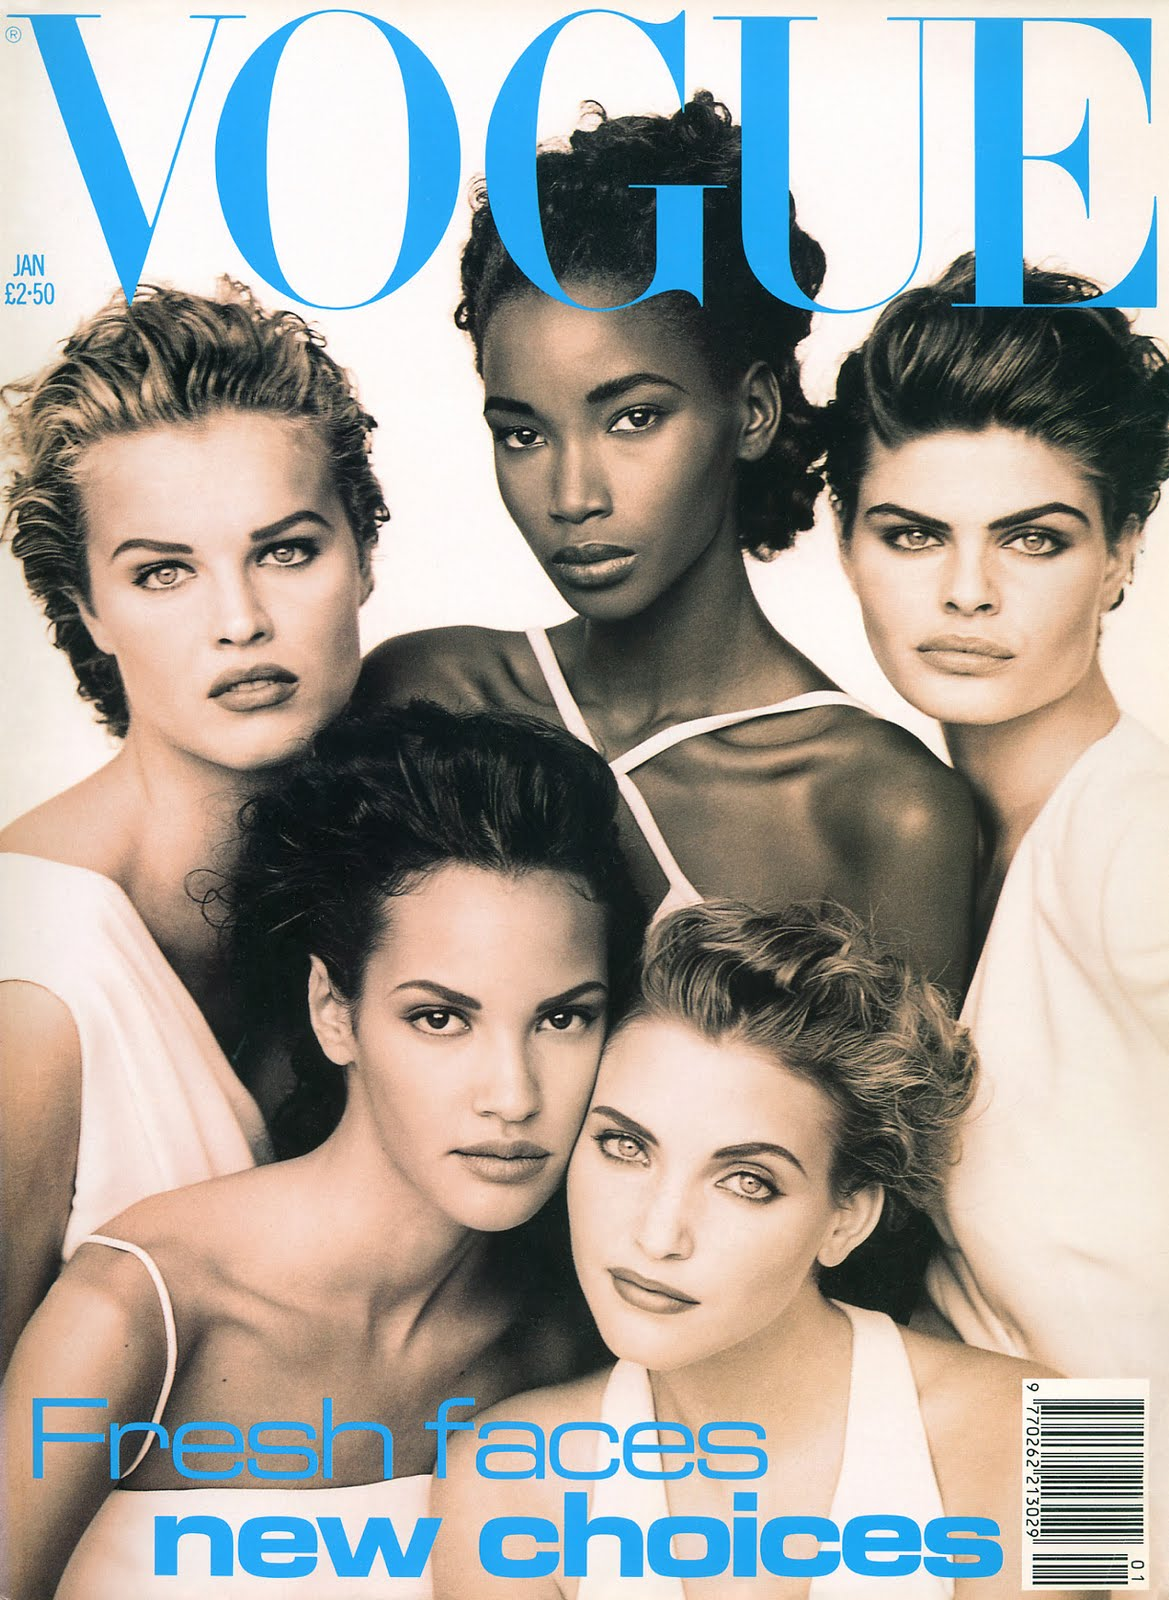 http://2.bp.blogspot.com/-HU8tyOtnRYI/TjTncriwFMI/AAAAAAAACVU/Ay0tzcN9k6k/s1600/Beverly+UK+Vogue+Jan+1992.jpg